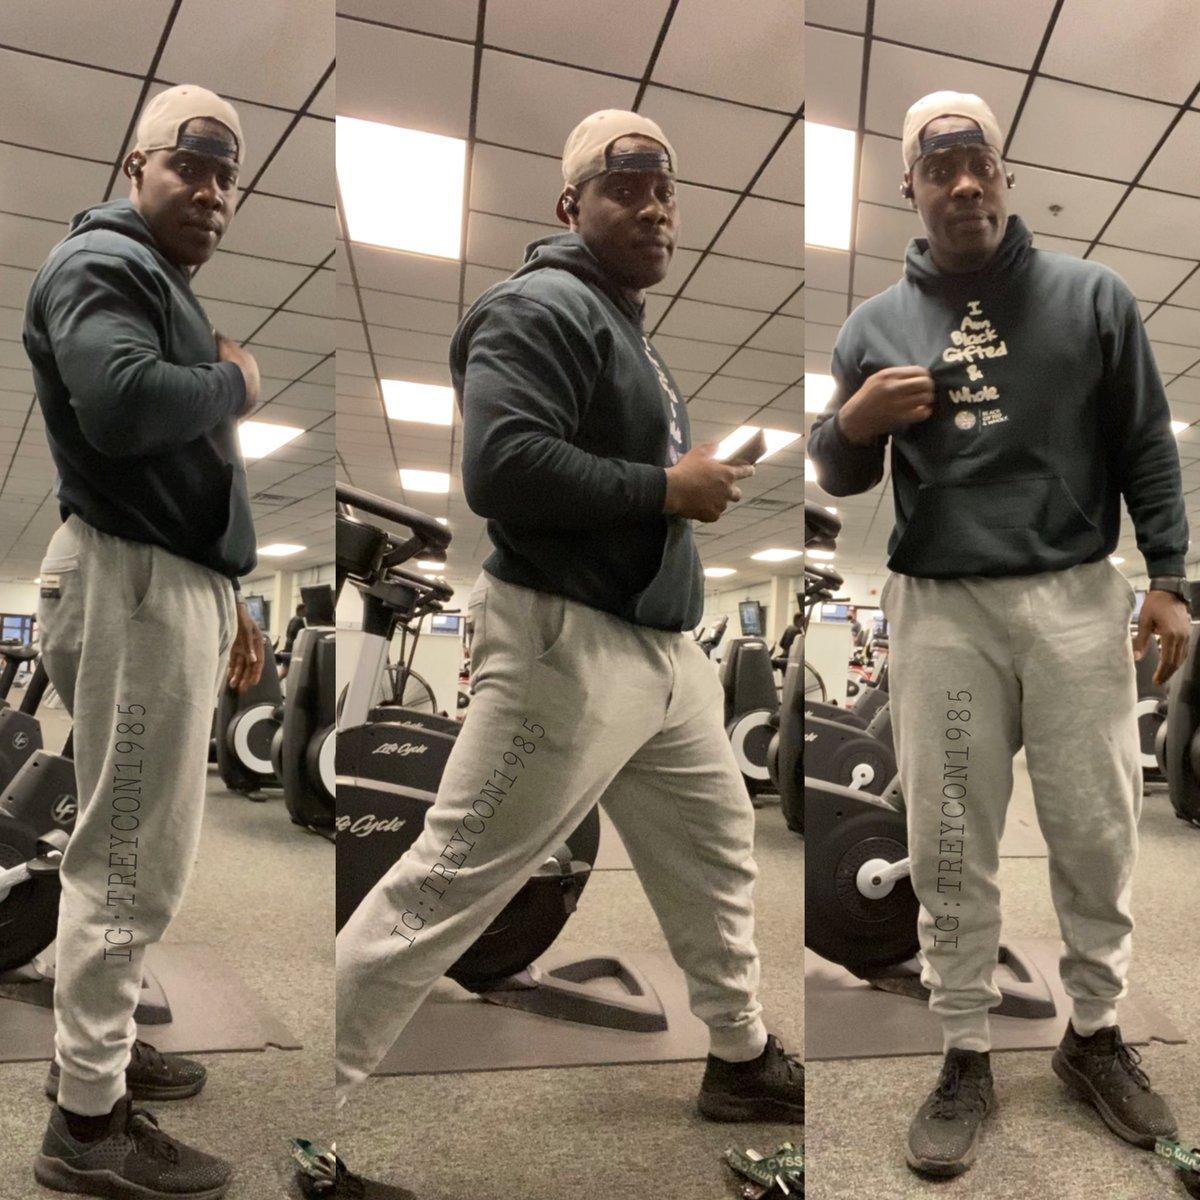 Accountability photo. Fasted cardio complete! #onedayatatime #trusttheprocess #melanin #fastedcardio #summerbody #treysfitnessworld #belikebamboo